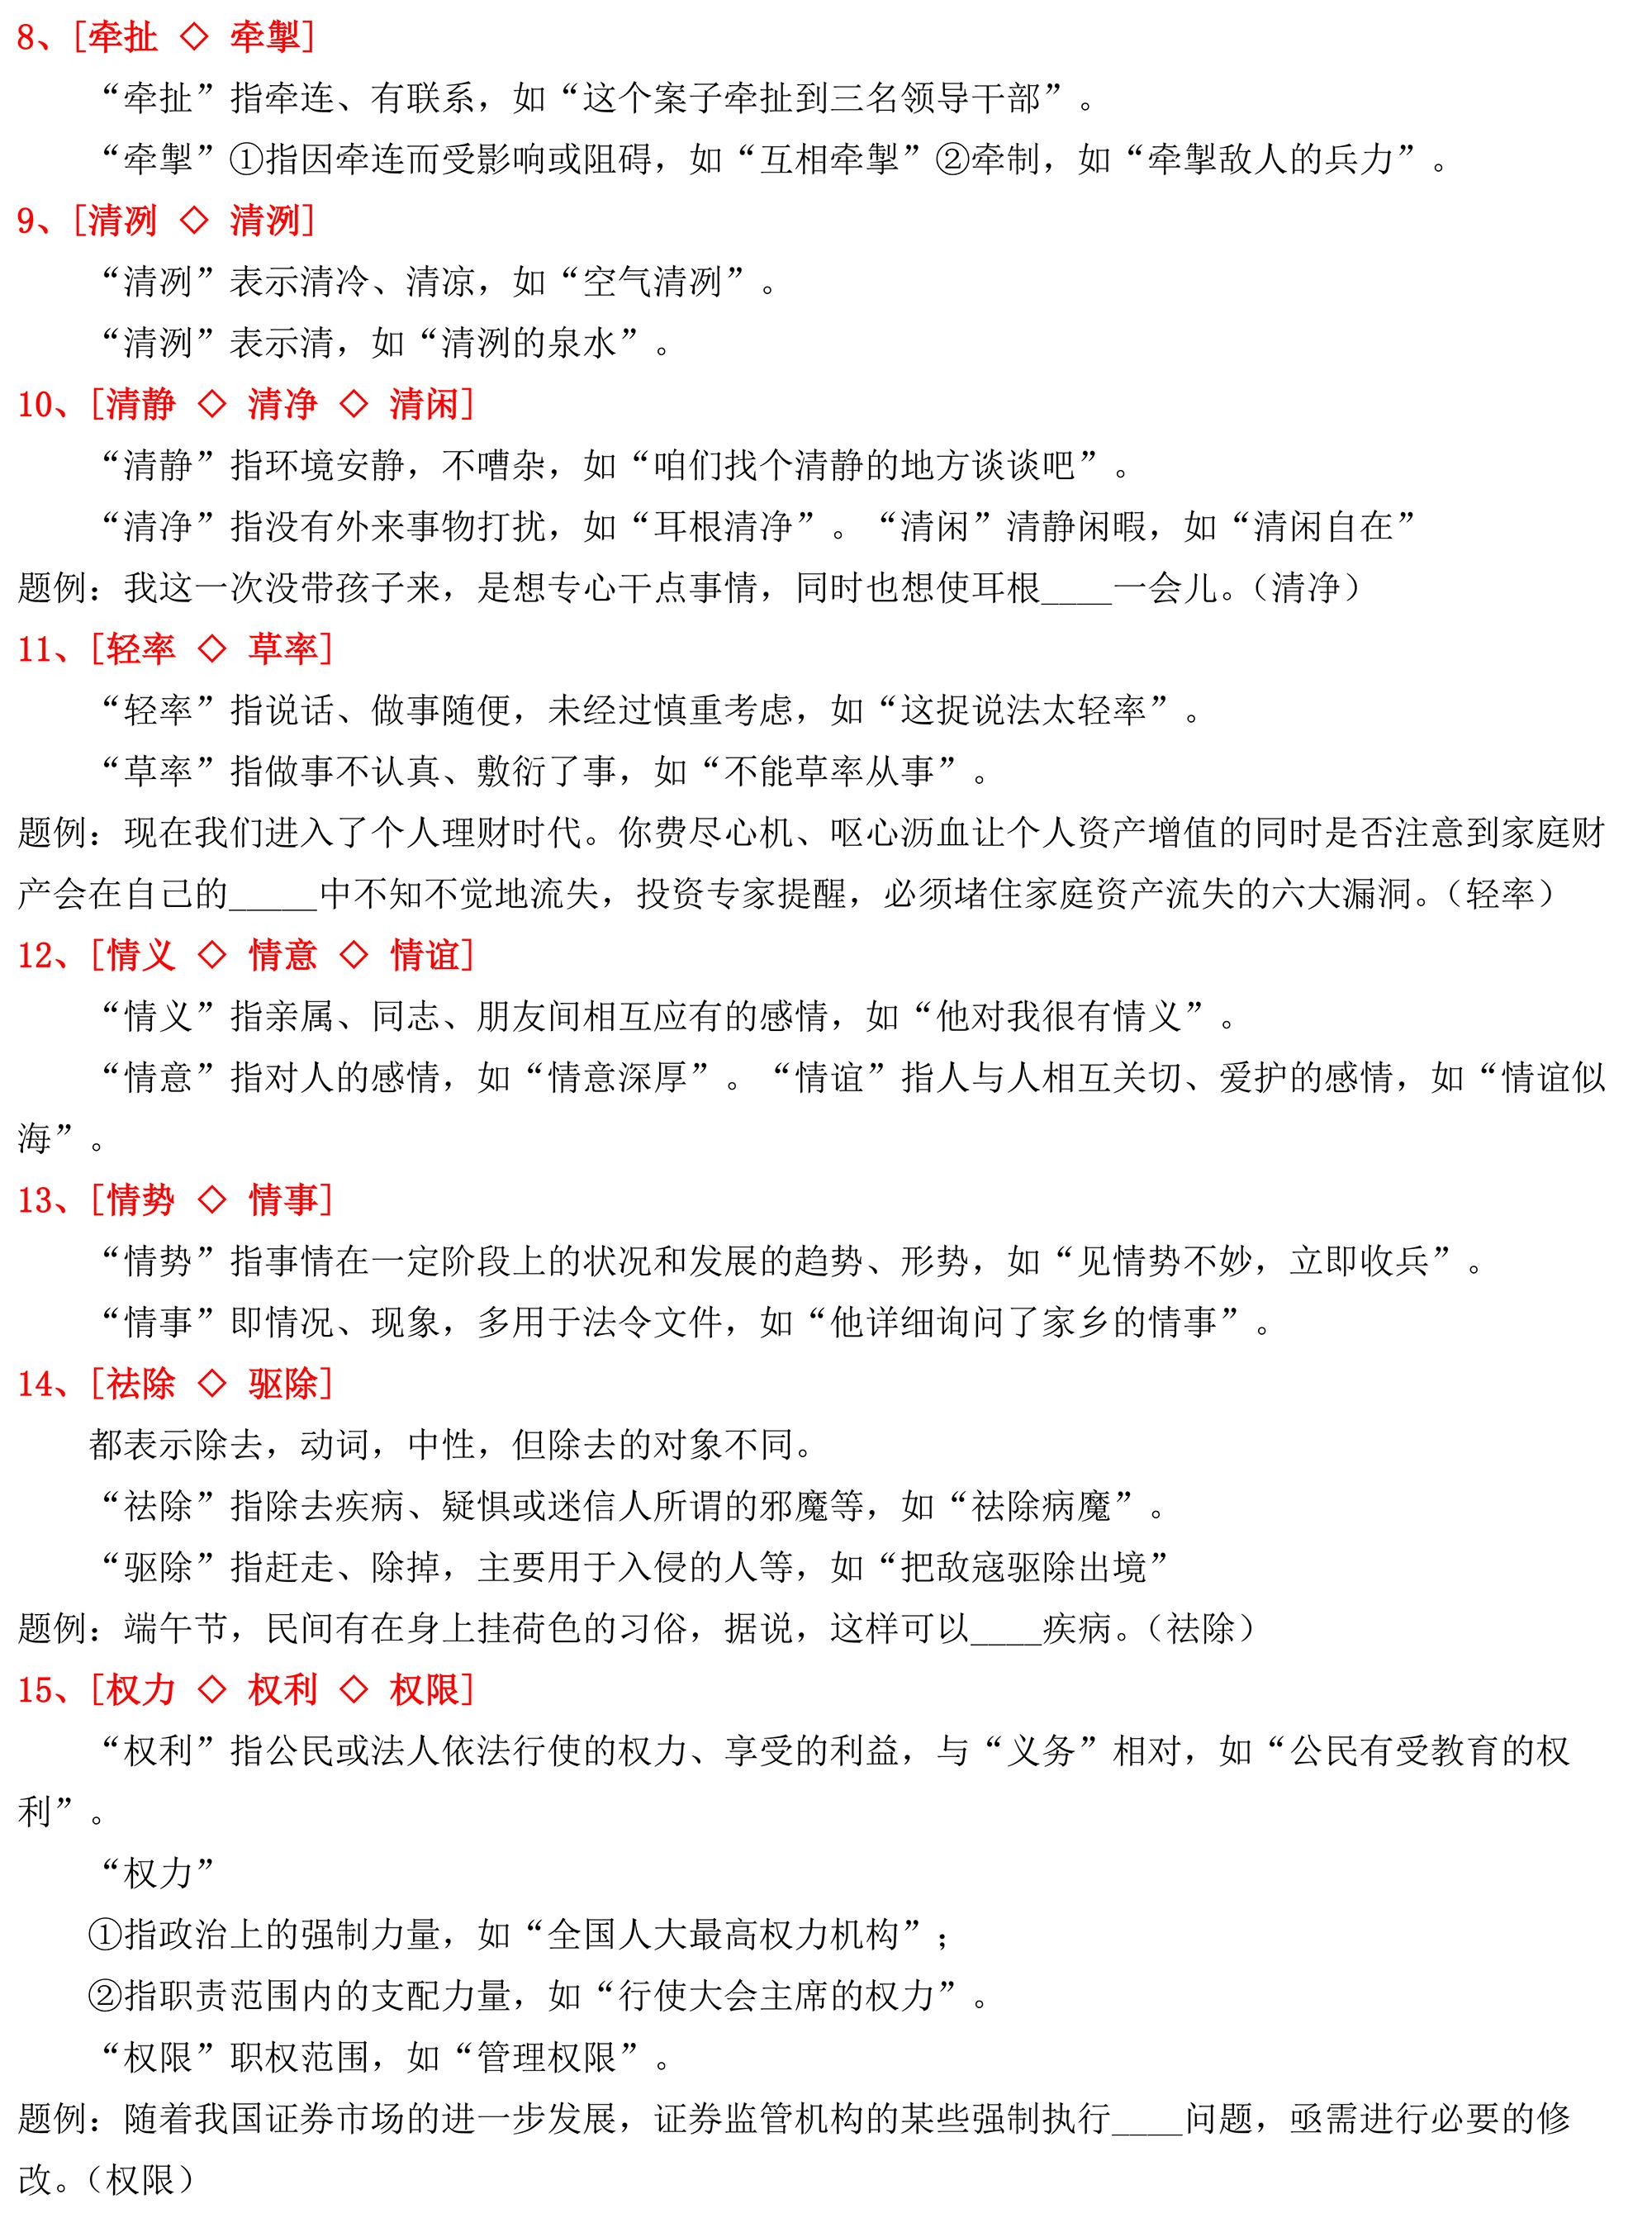 2-3:易混淆辨析 - 实词 - 打印版(O-T)-4.jpg